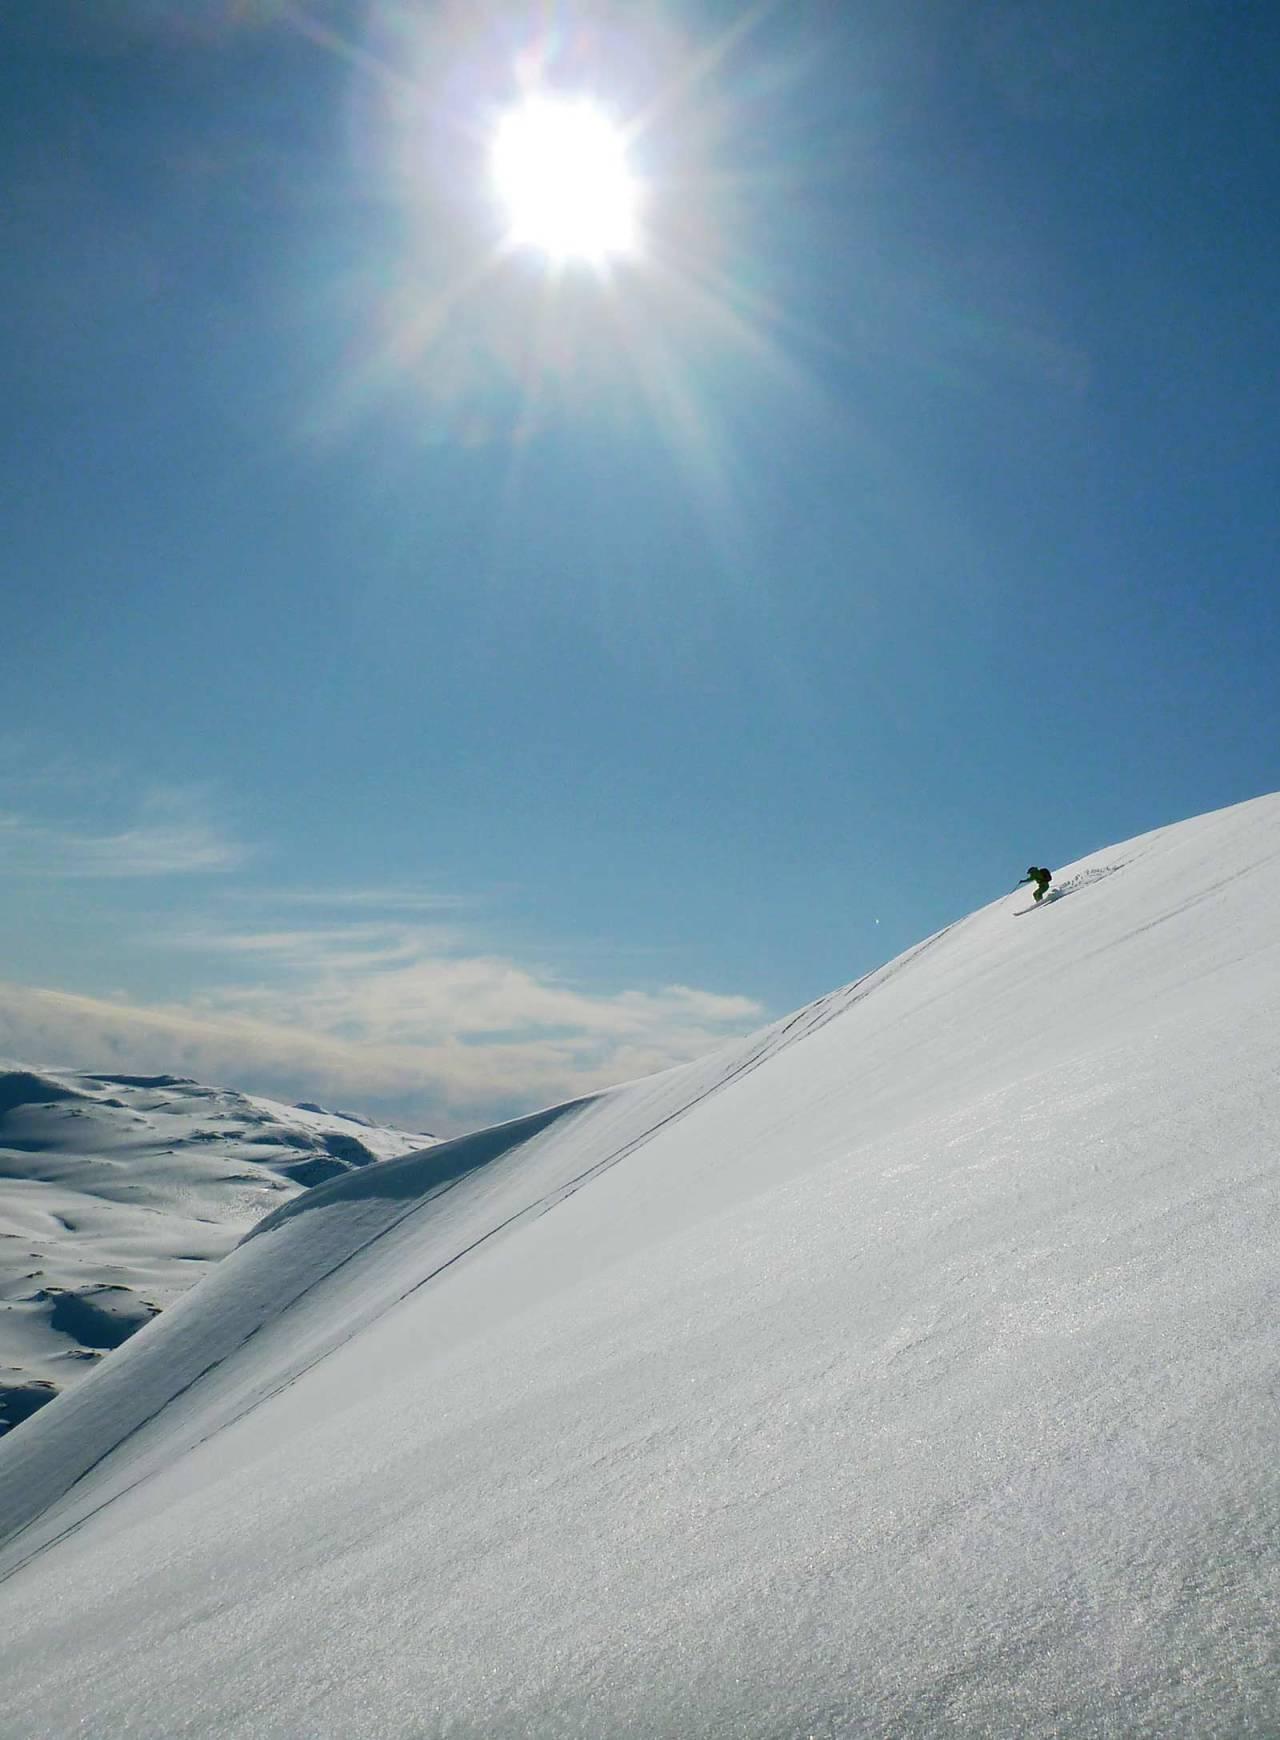 Rino R. Berg cruiser ned fra Stavsnuten. Denne dagen var akkurat så fin som på bildet! Foto: Ida Sollie